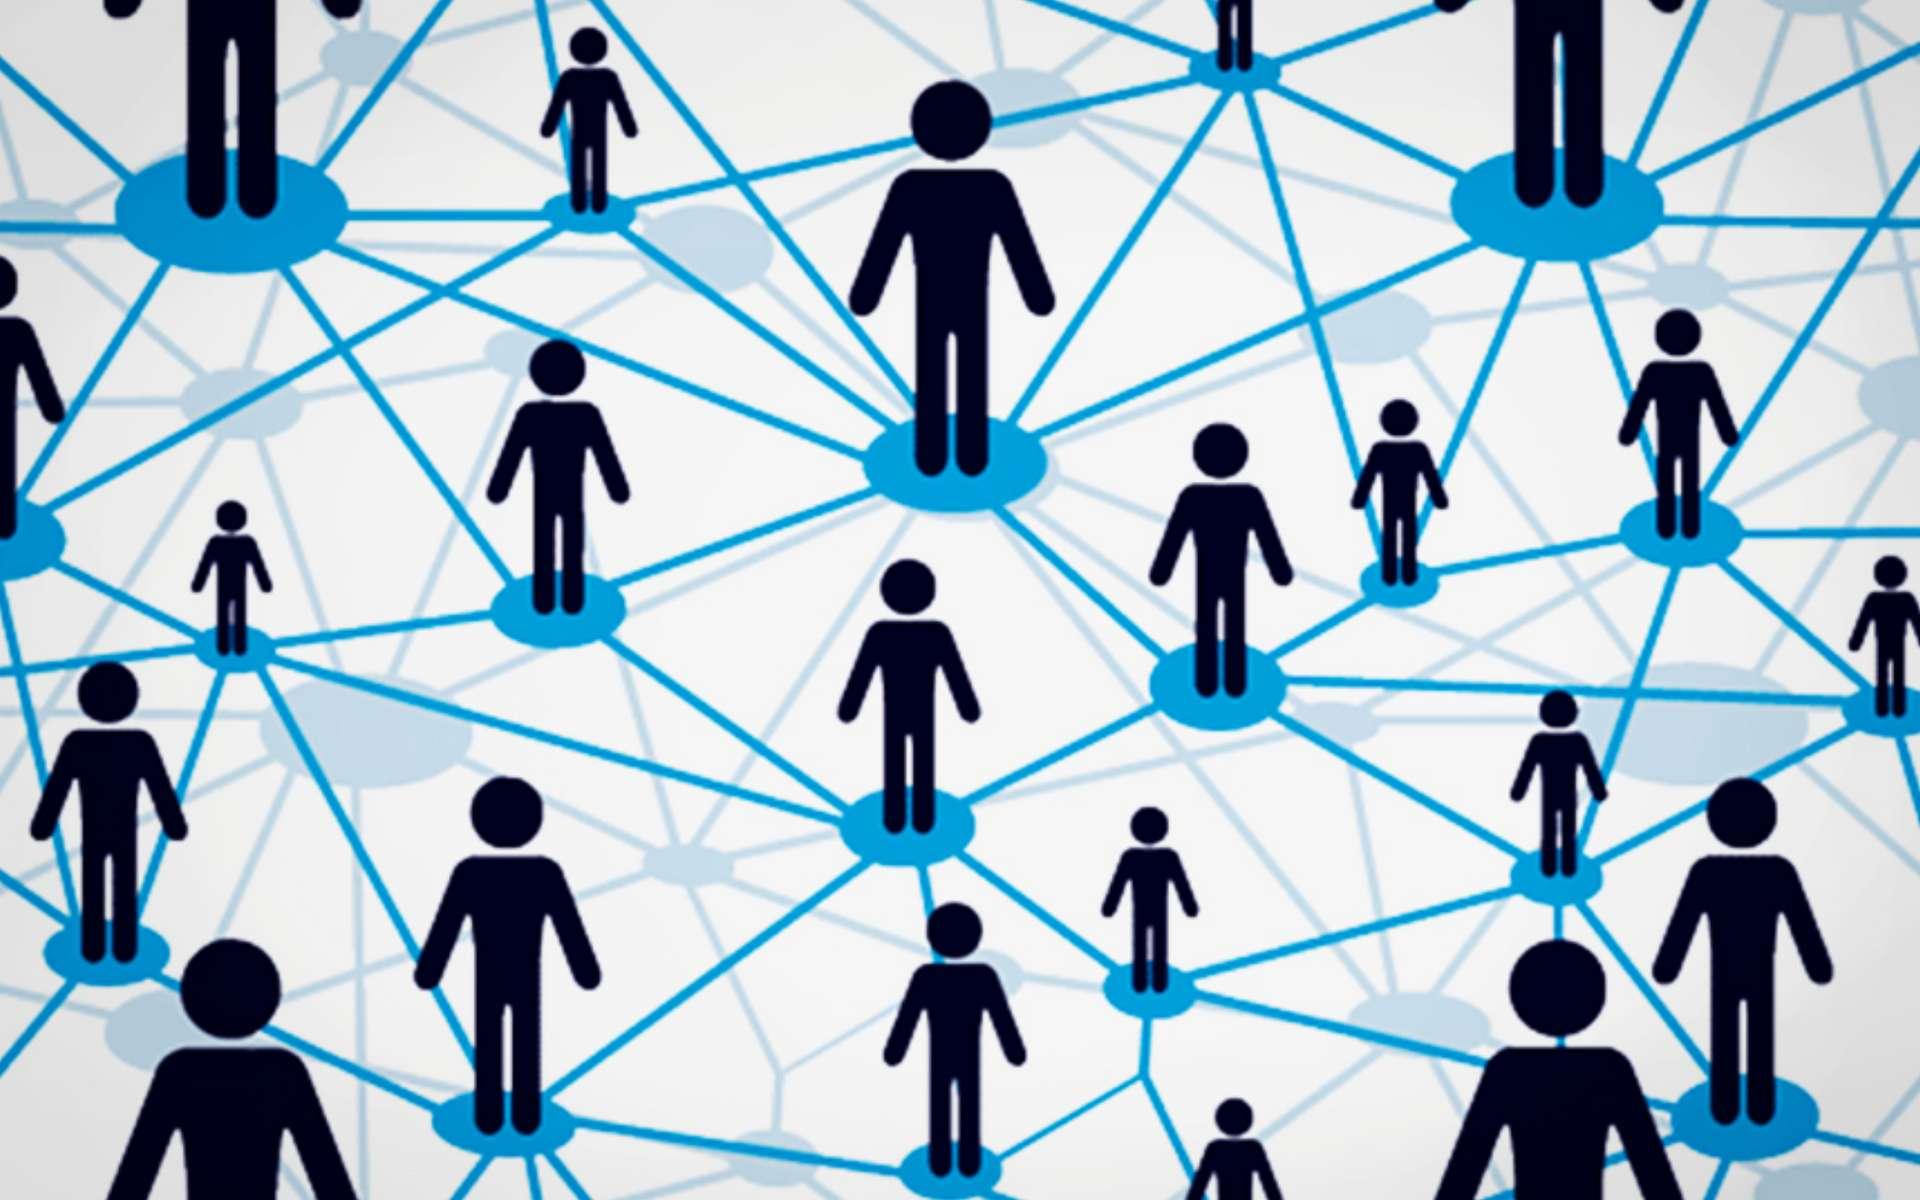 Au sein d'un réseau peer-to-peer, chaque appareil connecté forme un noeud. Le rôle de ces noeuds dépendra de l'application et du protocole utilisé. Entre ces noeuds transitent des données, lesquelles peuvent être de différentes natures.Puisqu'aucun serveur tiers n'est nécessaire pour faire le relai d'un envoi de données, un réseau peer-to-peer permet ainsi de garantir un certain anonymat. Par la même occasion cela permet également de passer outre les règles de filtrage pouvant éventuellement être mises en place par les fournisseurs d'accès à Internet, voire par les autorités de censure dans certains pays. Notons également que ces transferts sont chiffrés.Quelques usages du P2PLe P2P a été rendu populaire par plusieurs types d'applications. La technologie a initialement essuyé une mauvaise image en étant largement associée aux échanges de contenus illégaux au travers d'applications de transfert de fichiers comme Emule au début des années 2000. Concrètement, le logiciel transforme l'ordinateur en serveur et chaque contenu téléchargé localement sur les ordinateurs des autres utilisateurs se retrouvent également mis à disposition de la communauté. Plus le nombre de sources (seeds) pour un même fichier est important, plus rapide sera le téléchargement.Toutefois le peer-to-peer est également utilisé dans bien d'autres usages. La société BitTorrent, qui exploite ce modèle de réseau, a créé la société Resilio Sync. Celle-ci repense le transfert de fichiers à la manière d'un cloud privé. Installé sur plusieurs ordinateurs et terminaux mobiles, l'application permet ainsi de récupérer et de synchroniser ses propres fichiers personnels sans passer par un serveur tiers.Le peer-to-peer peut être associé à d'autres protocoles comme IPFS. Il s'agit alors de mettre en place un Web décentralisé, plus sécurisé et plus rapide. Avec IPFS, le navigateur se transforme également en serveur en conservant les pages Web visitées pour les mettre à disposition plus rapidement qu'au travers du p